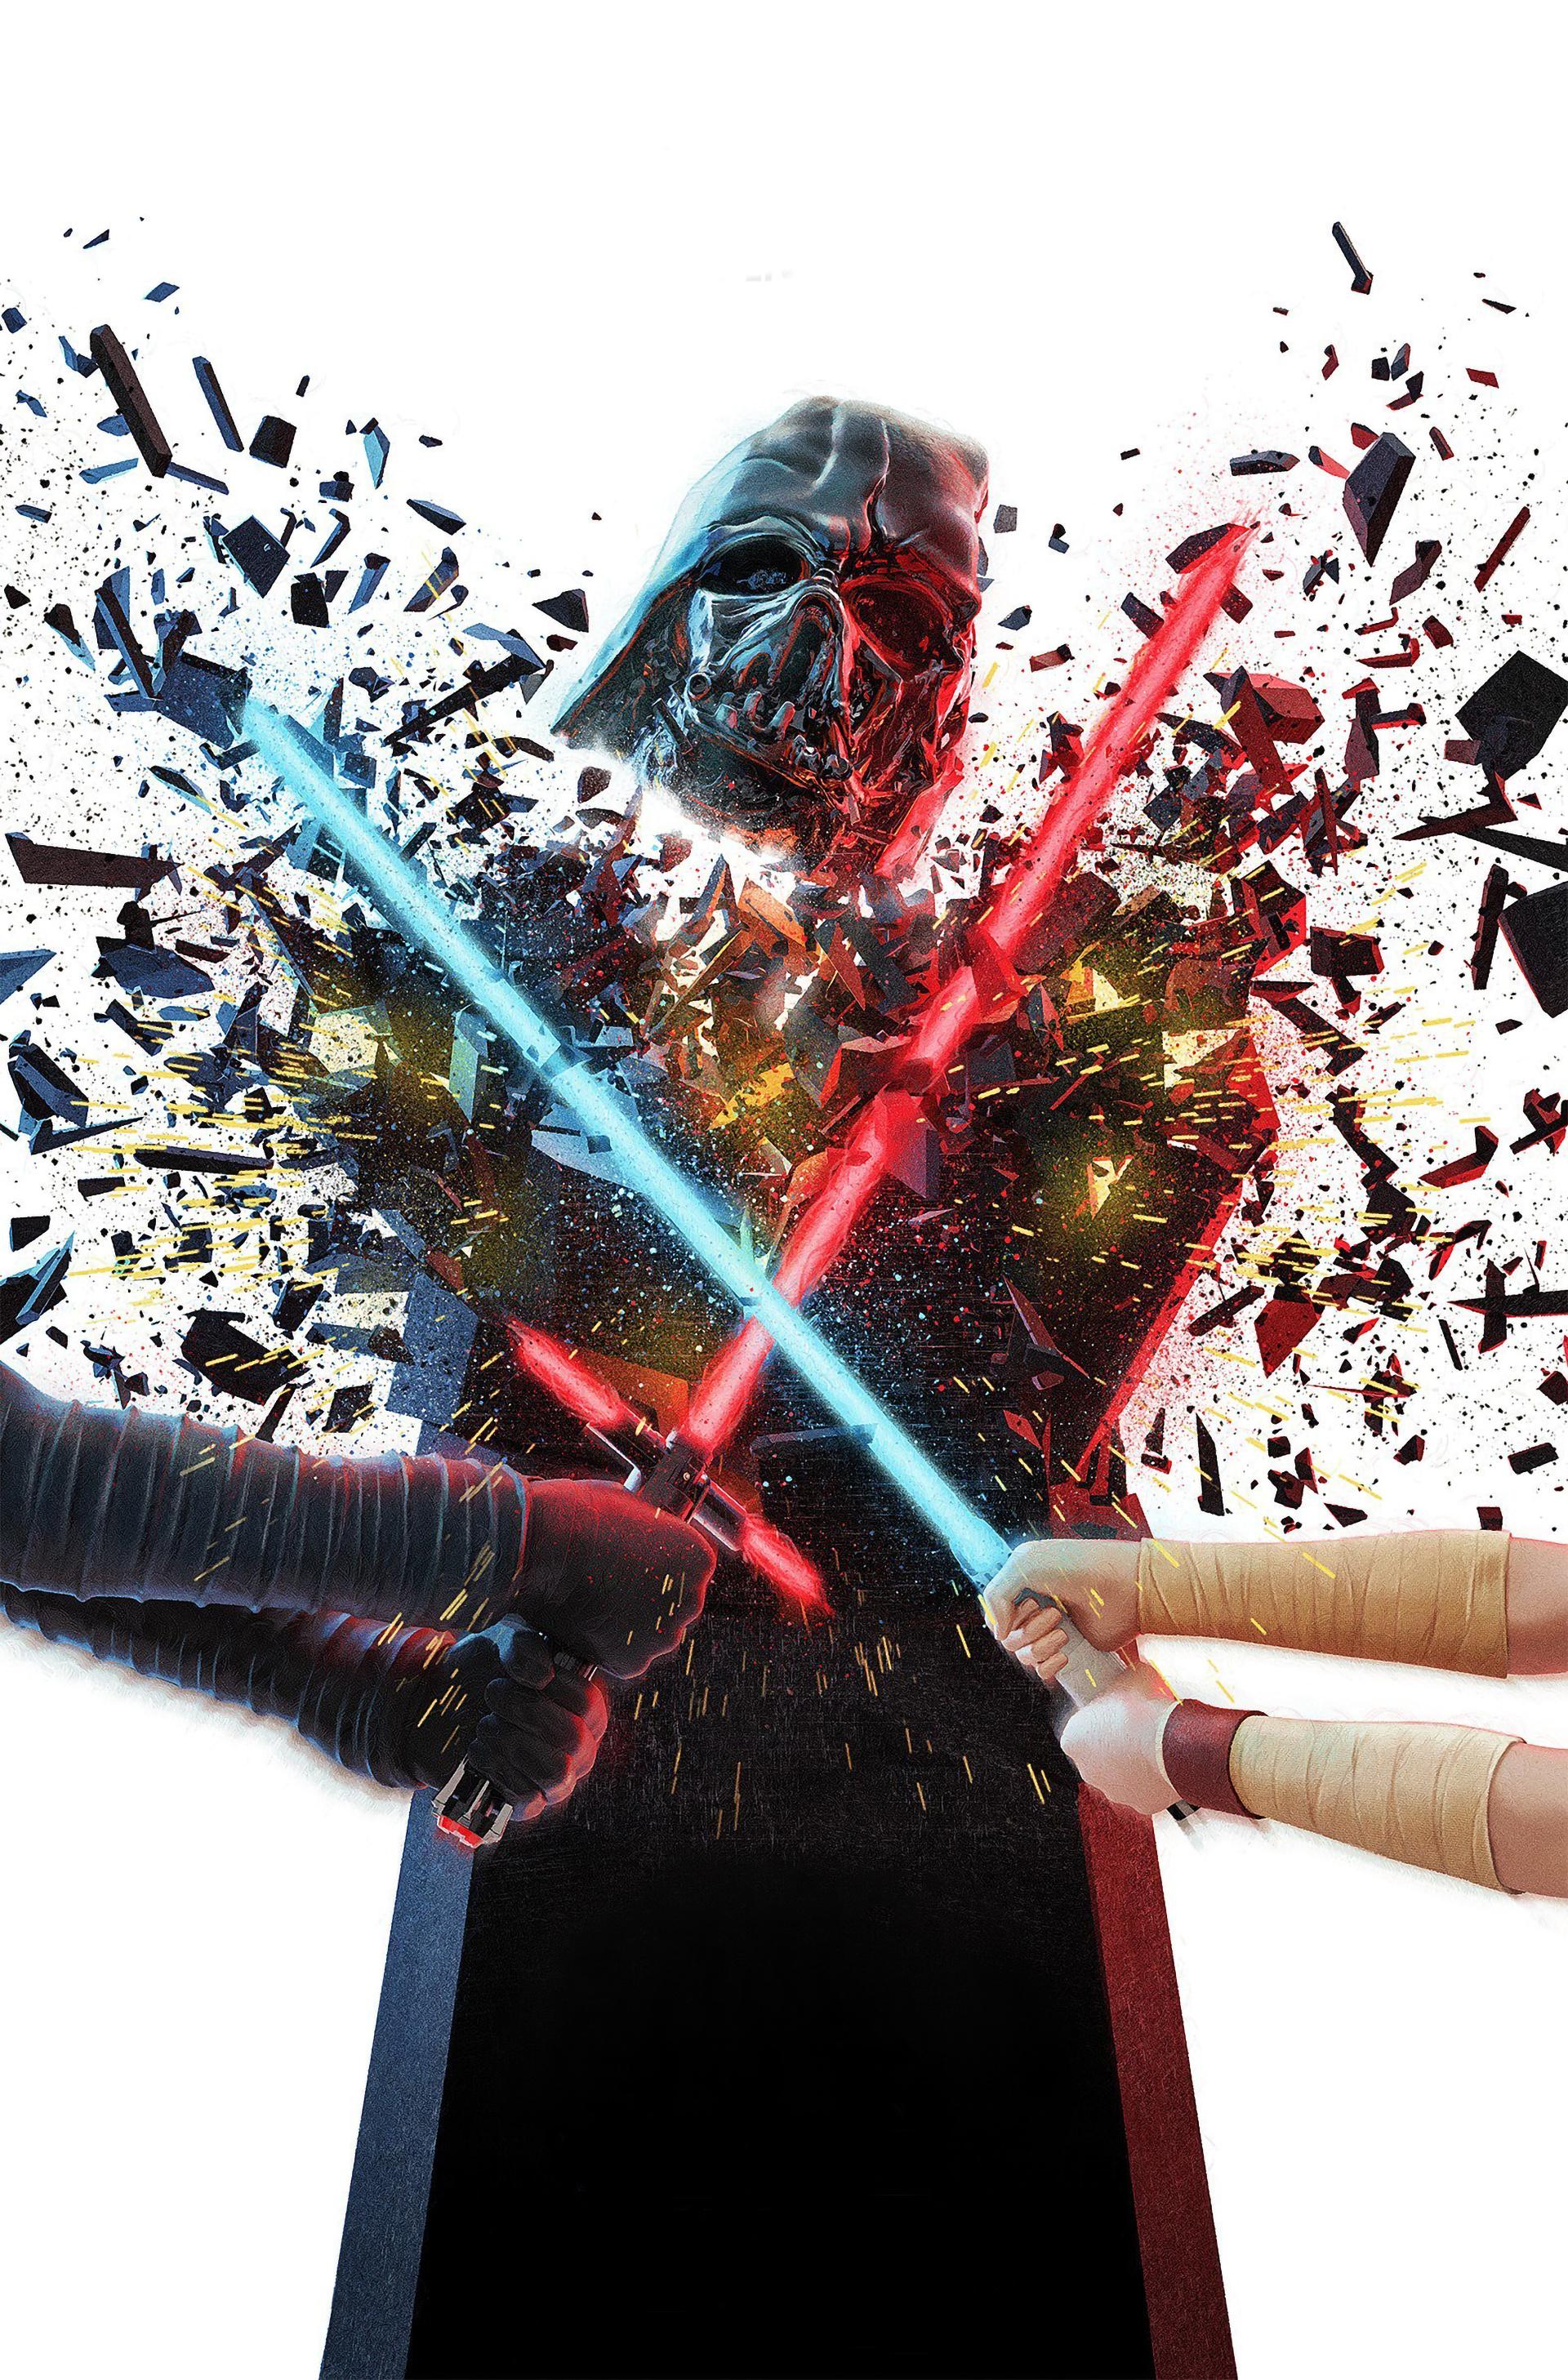 Kylo Rey Vs Darth Vader Wallpaper Hd Movies 4k Wallpapers Images